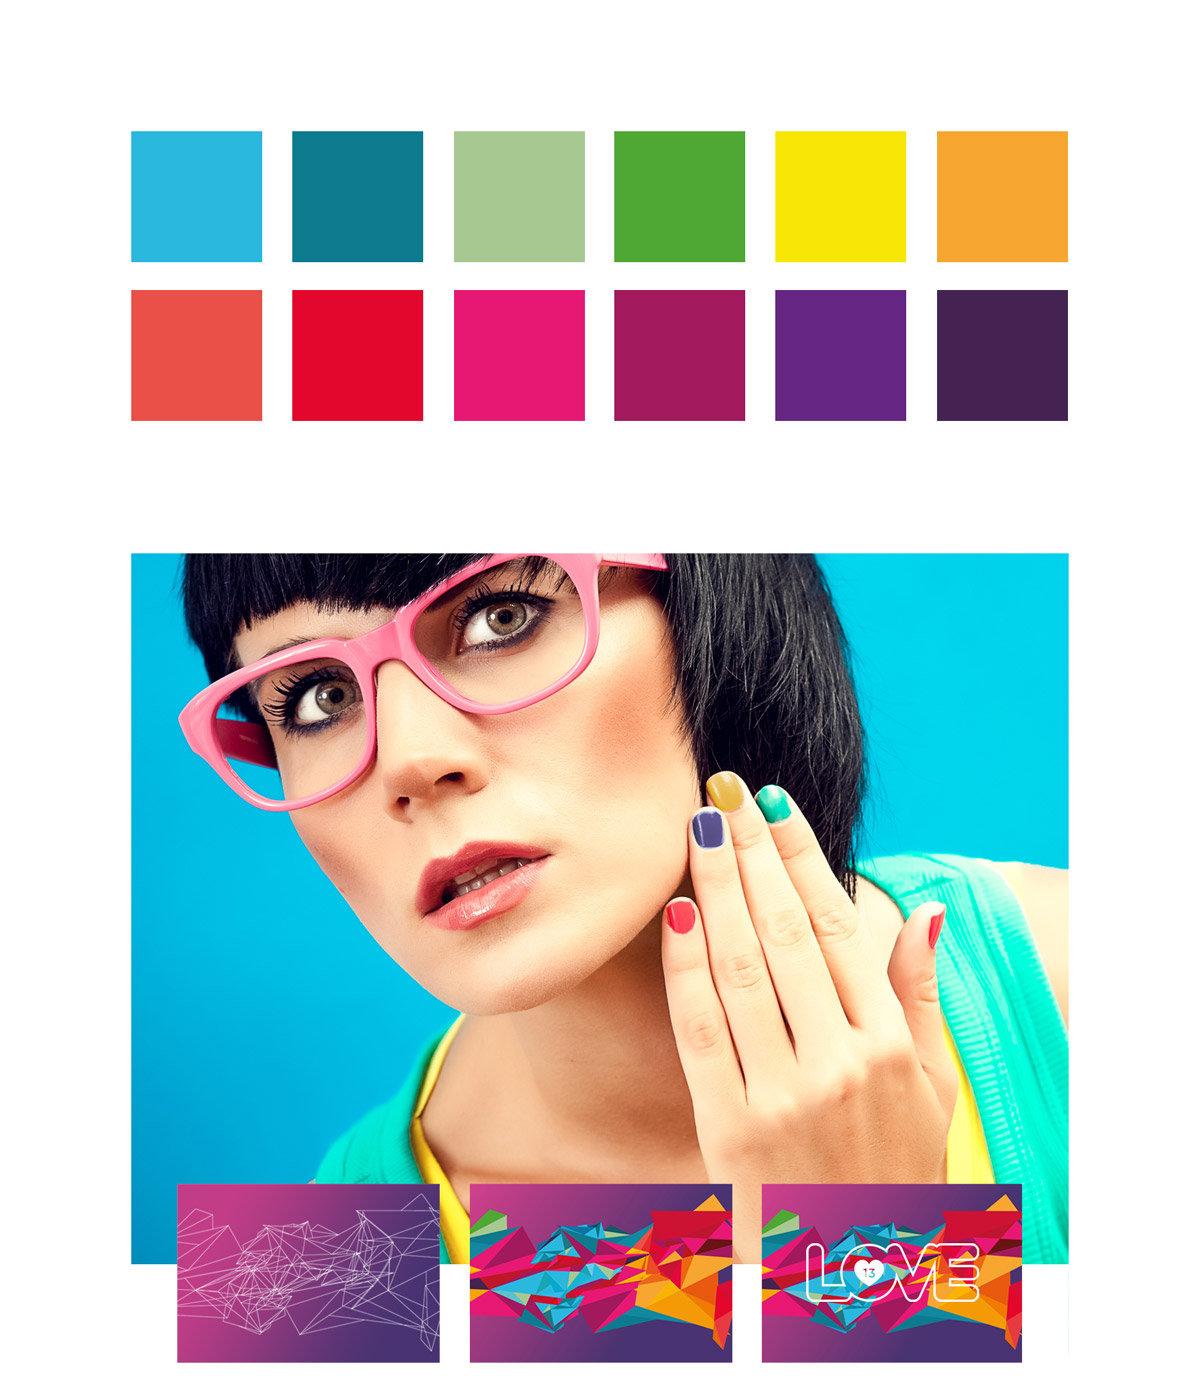 Love 13 cores da marca